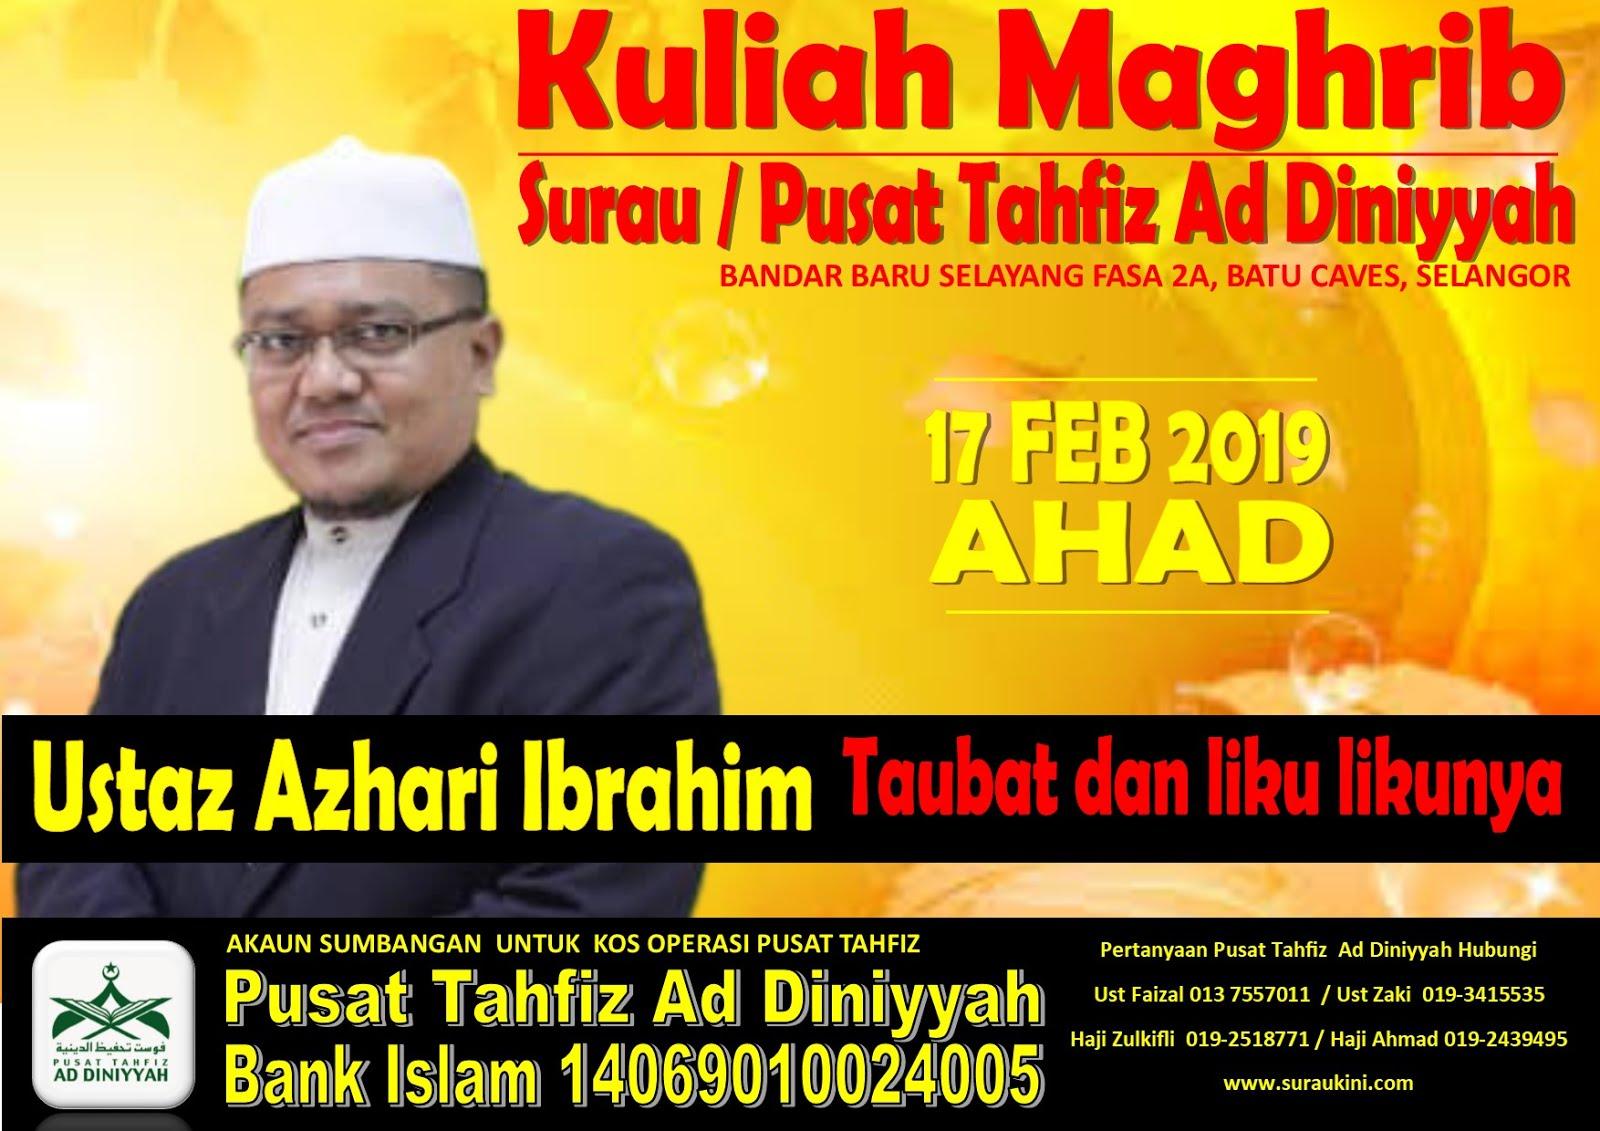 Kuliah Maghrib 17 Feb 2019